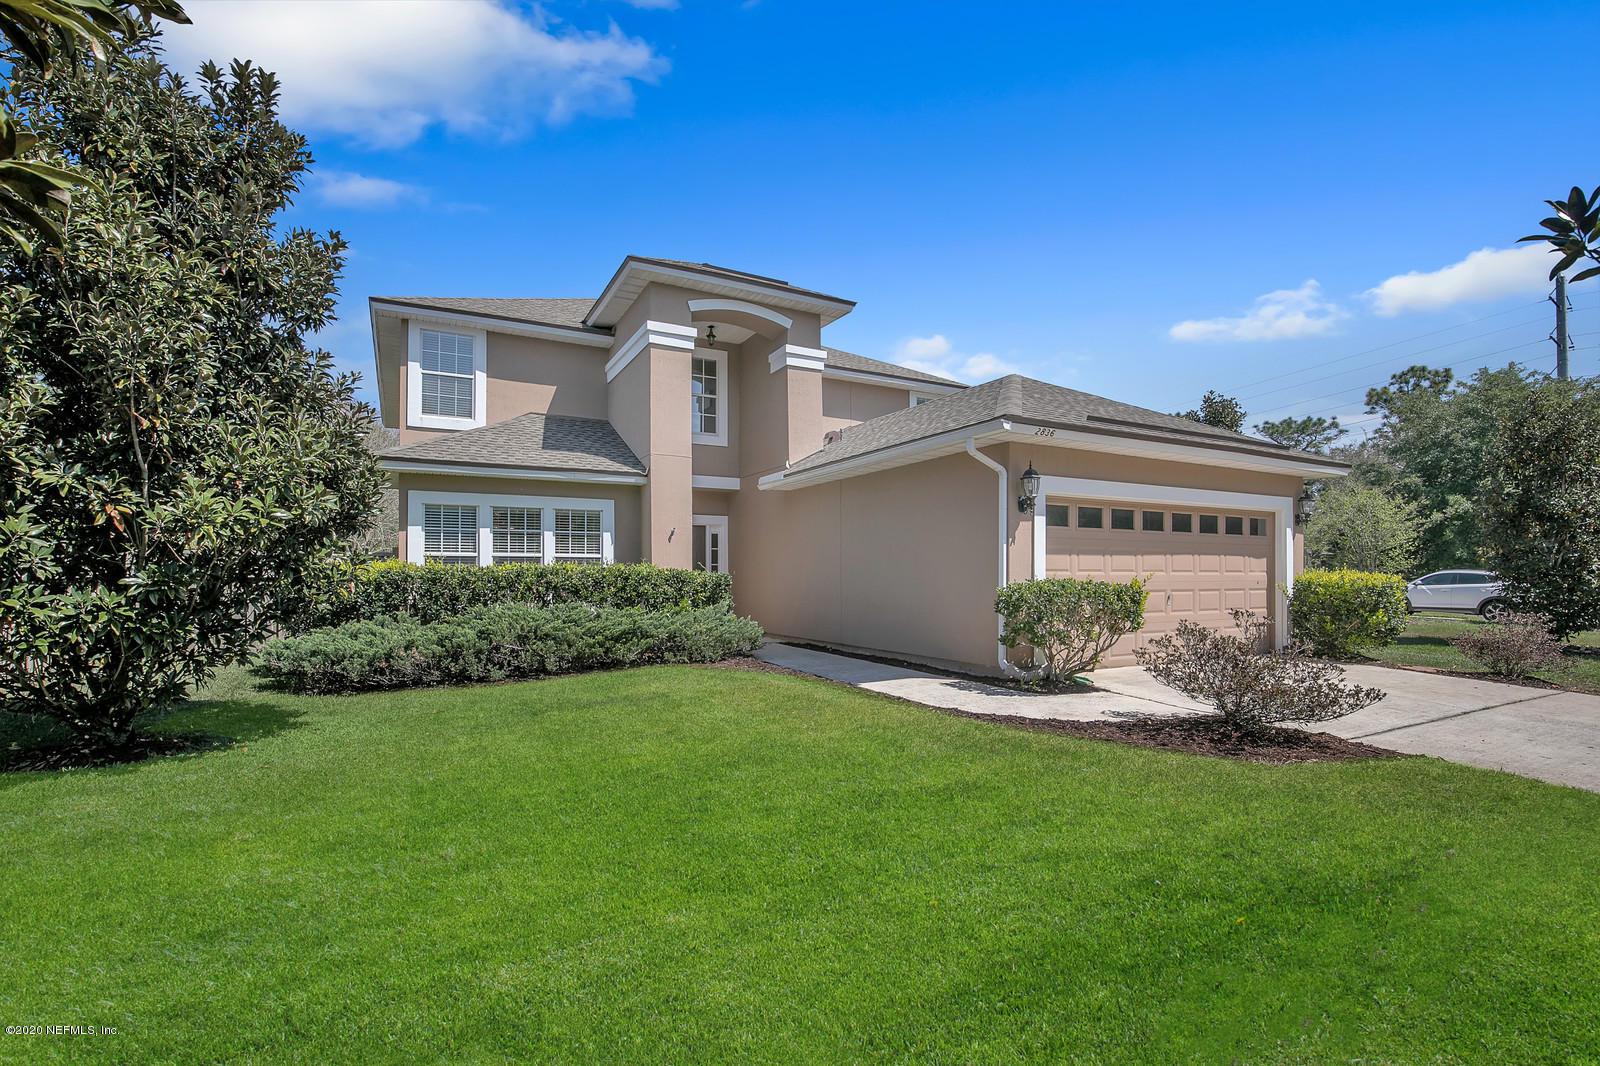 2836 SHEEPHEAD, ST AUGUSTINE, FLORIDA 32092, 5 Bedrooms Bedrooms, ,3 BathroomsBathrooms,Residential,For sale,SHEEPHEAD,1046644